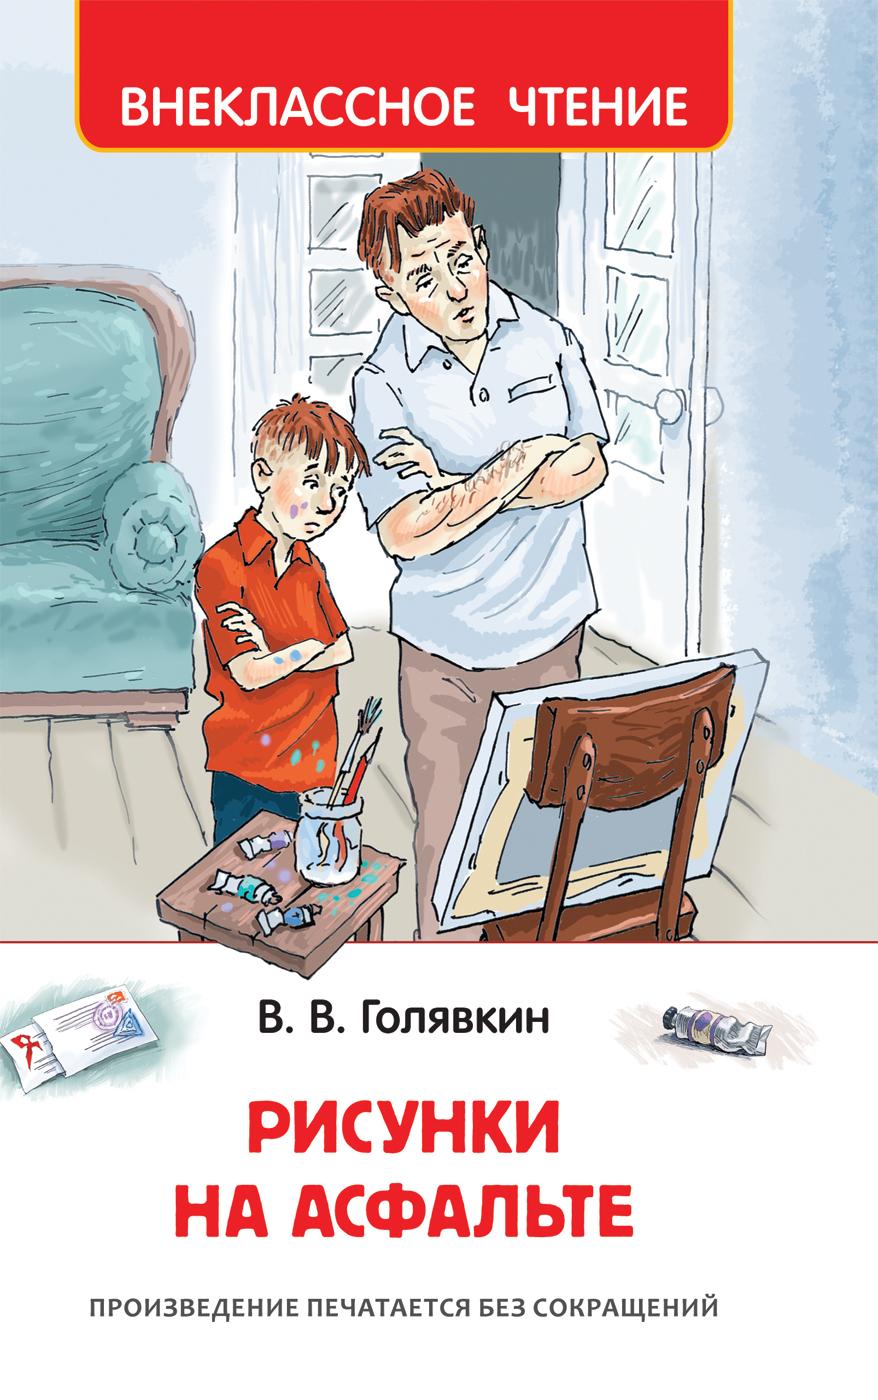 В. В. Голявкин Рисунки на асфальте голявкин в в карусель в голове рассказы и повесть